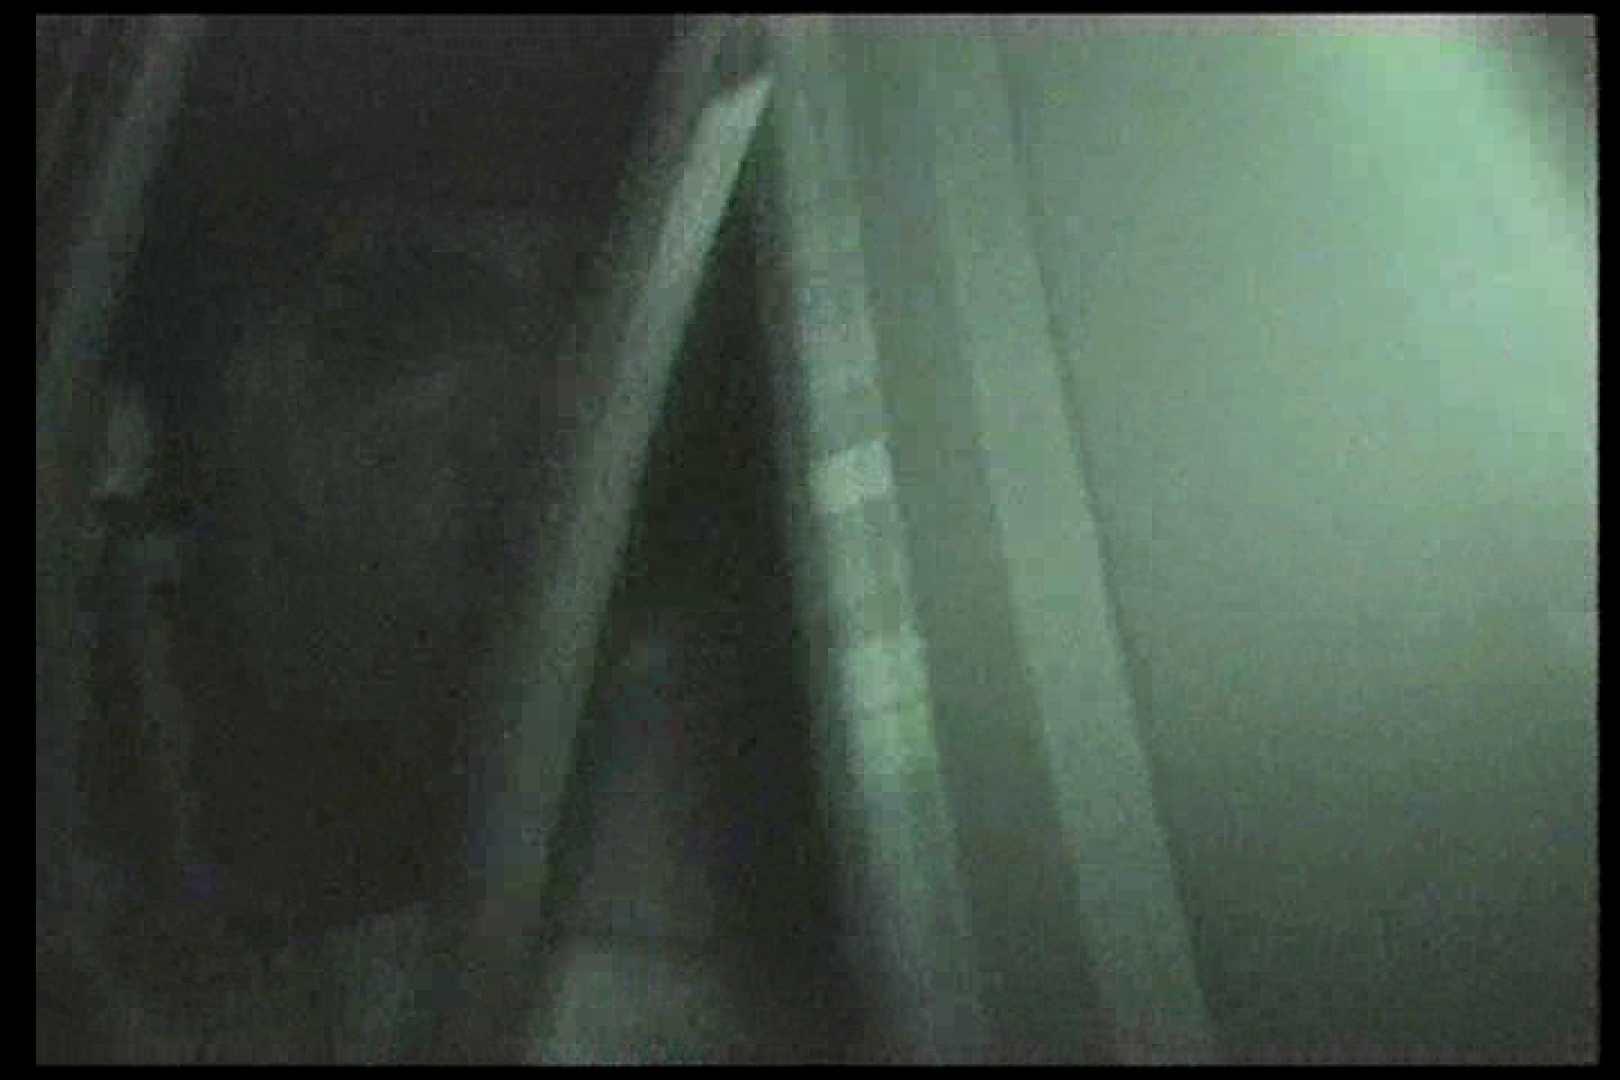 カーセックス未編集・無修正版 Vol.6後編 すけべな素人 ワレメ無修正動画無料 93画像 39